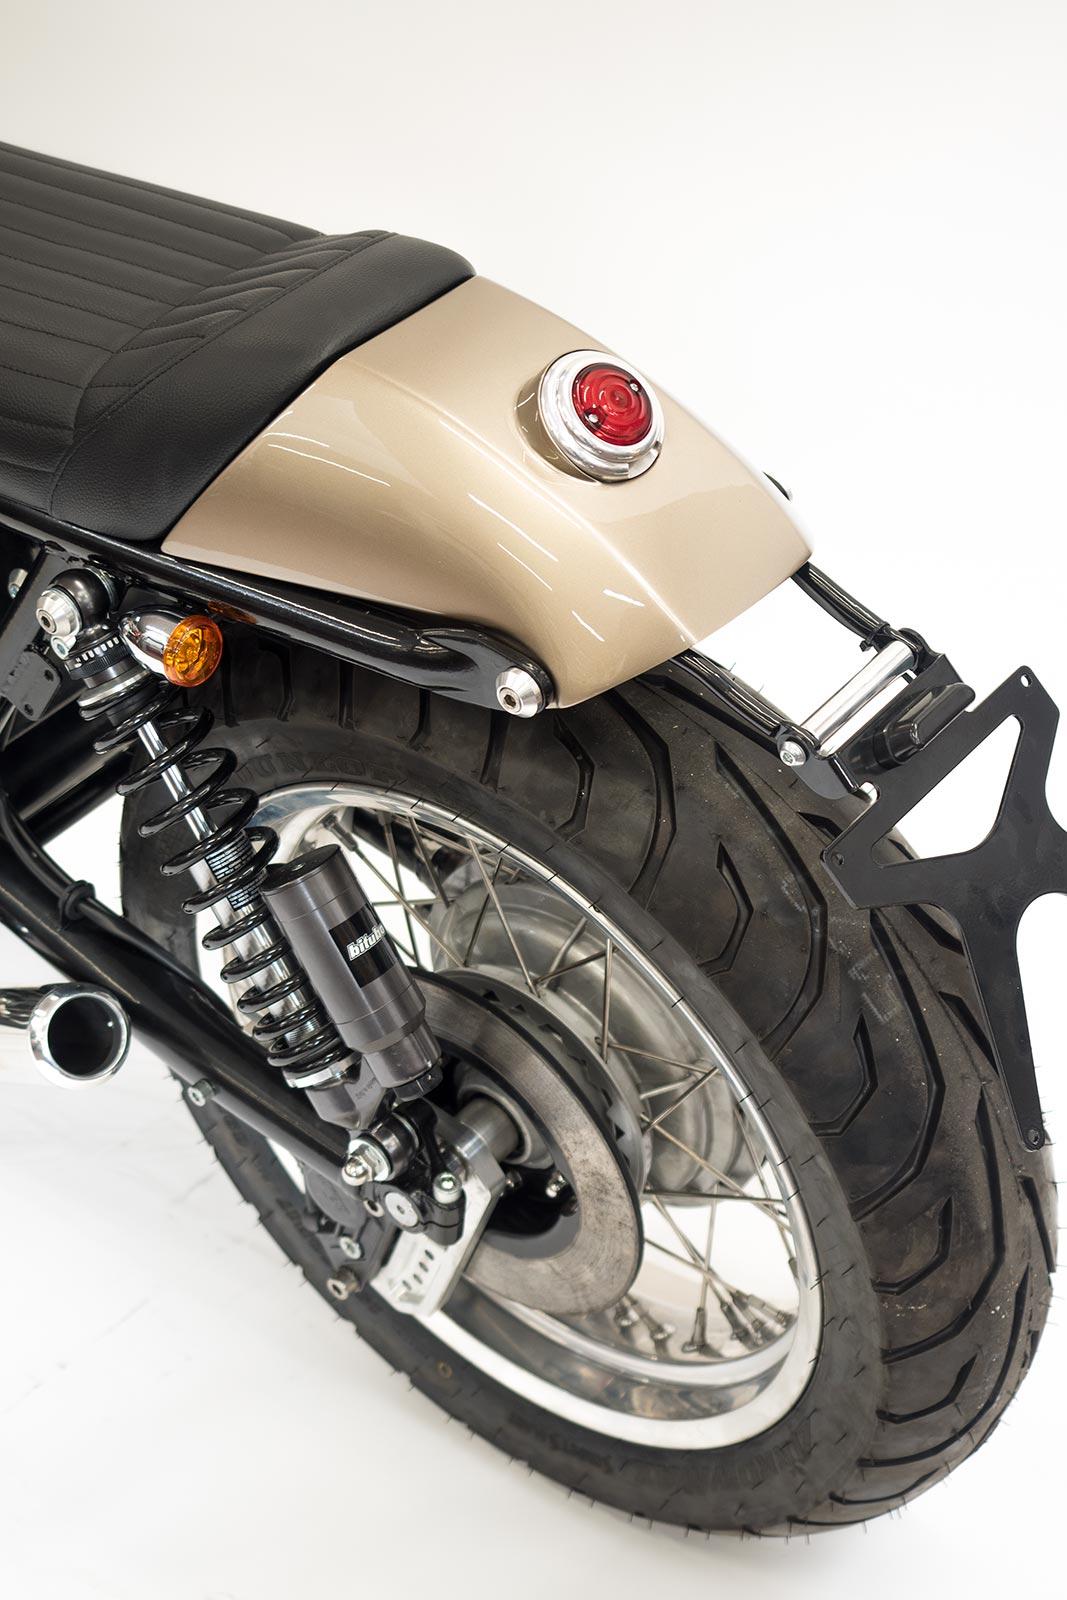 Moto Guzzi Ritmo Veloce by Officine Rossopuro (5)